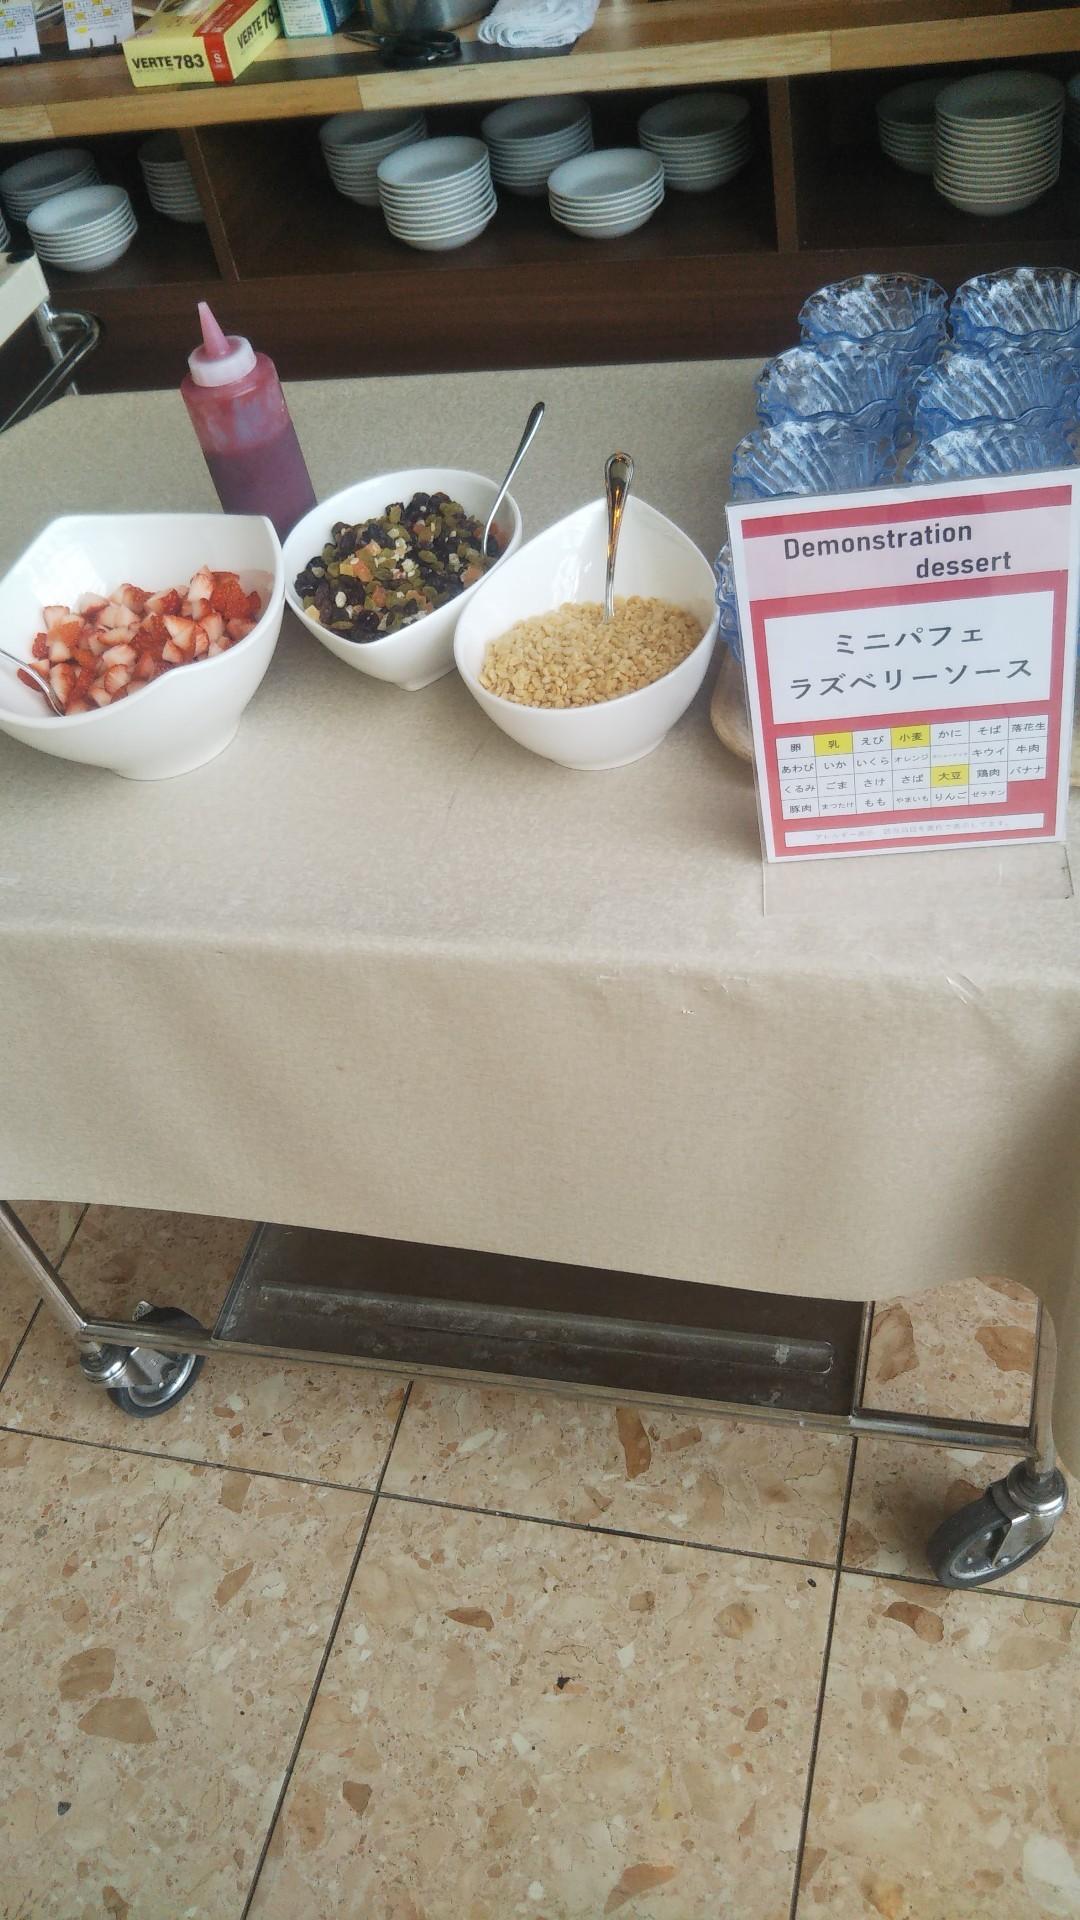 シャトレーゼ ガトーキングダムサッポロ ヴィーニュ Dessert Buffet~夏のべジスイーツフェア~_f0076001_23451758.jpg